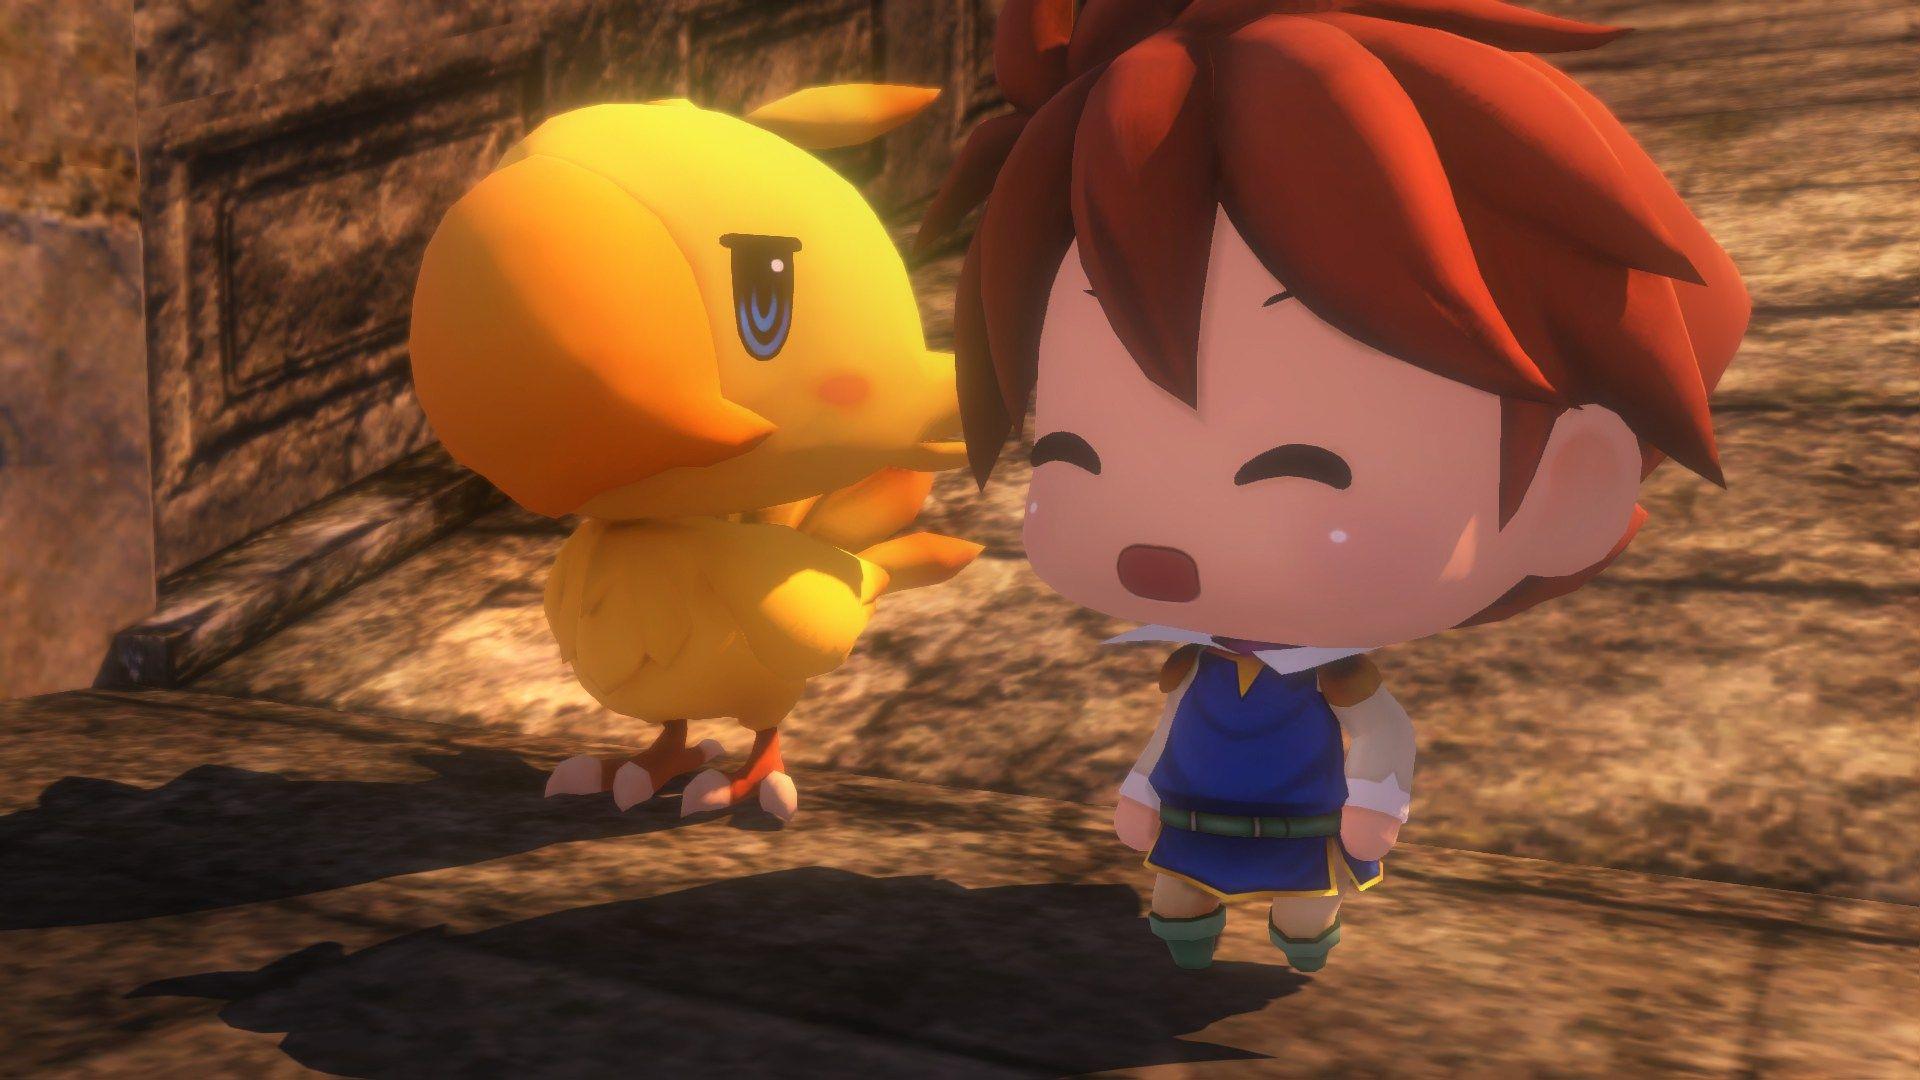 Square Enix ha publicado nuevas imágenes de World of Final Fantasy en las que se muestra el entorno por el que viajaremos y algunas mazmorras.